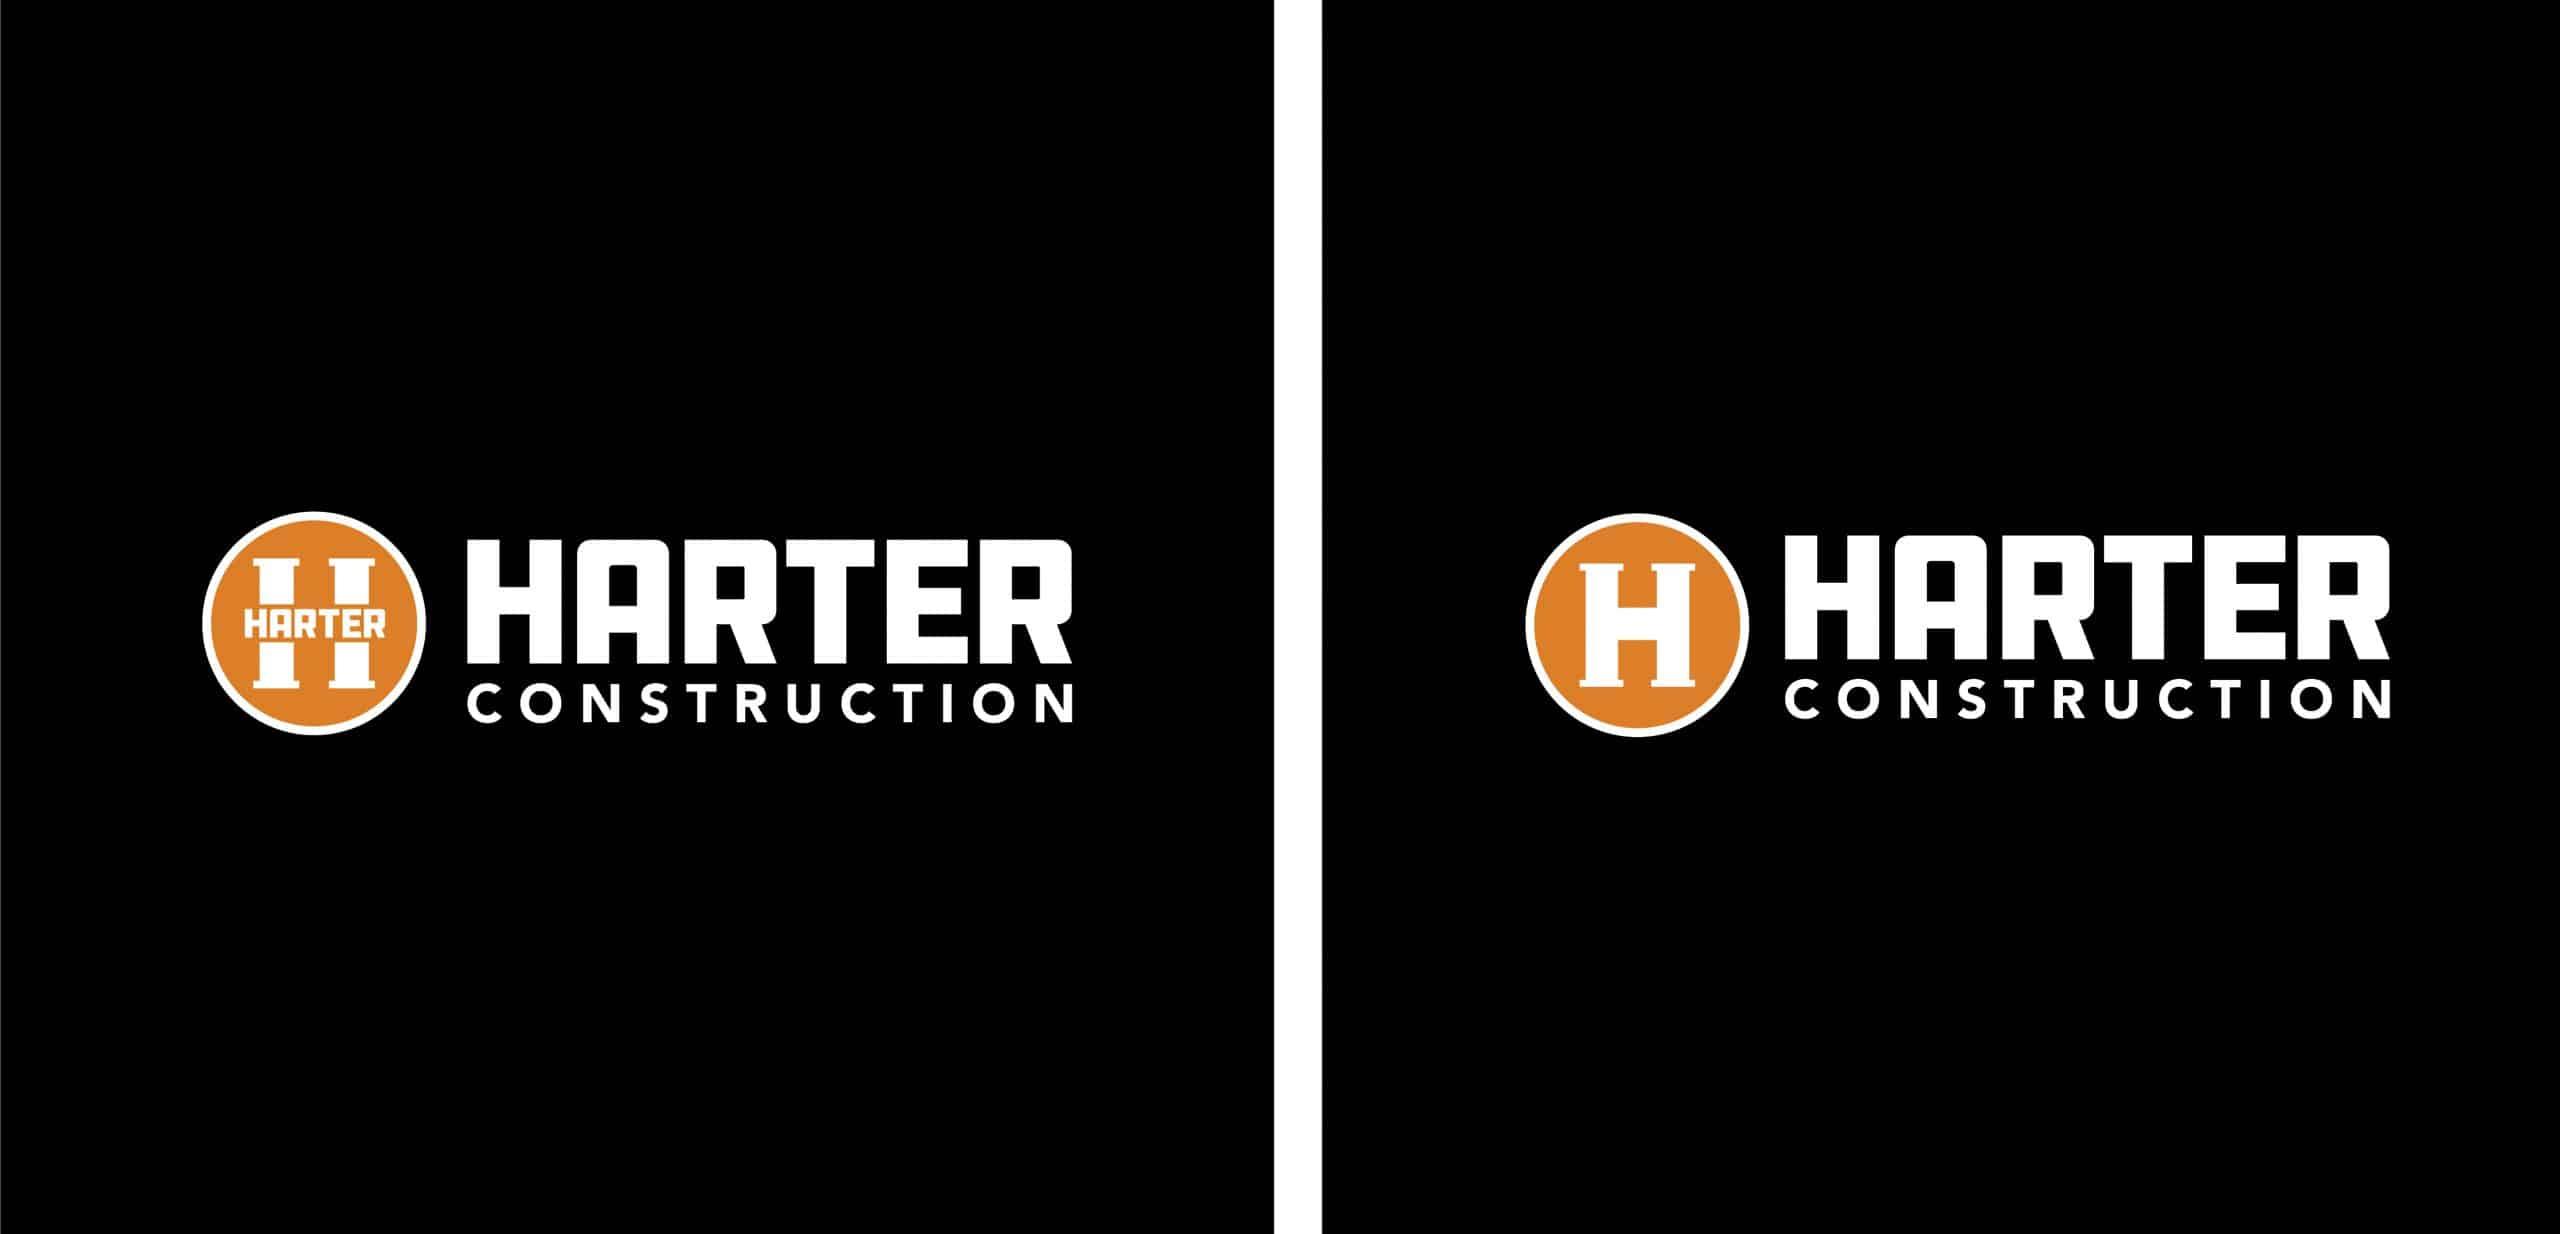 Harter_Construction_Logos_By_Stellen_Design-02